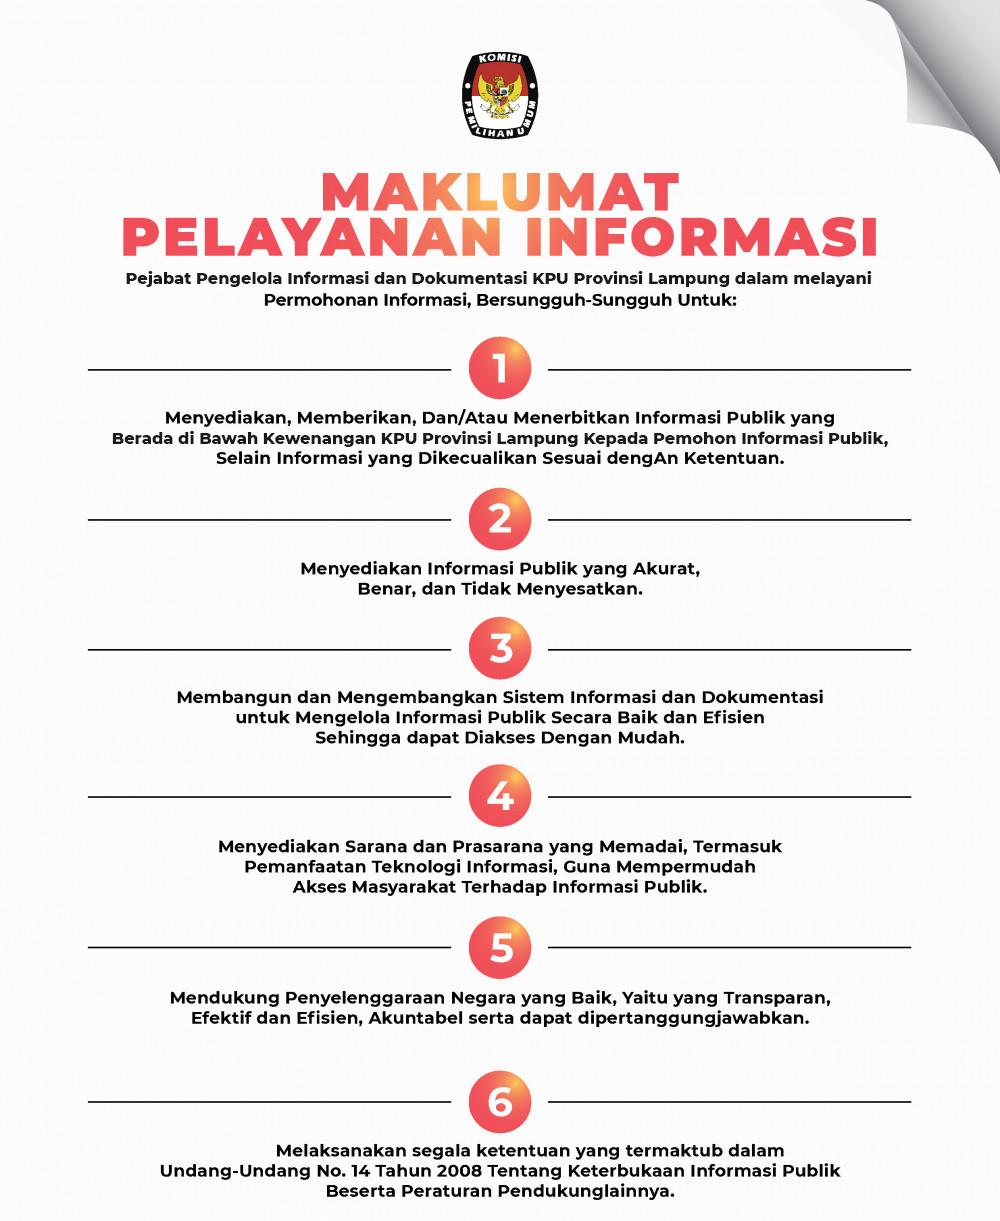 Maklumat PPID KPU Provinsi Lampung